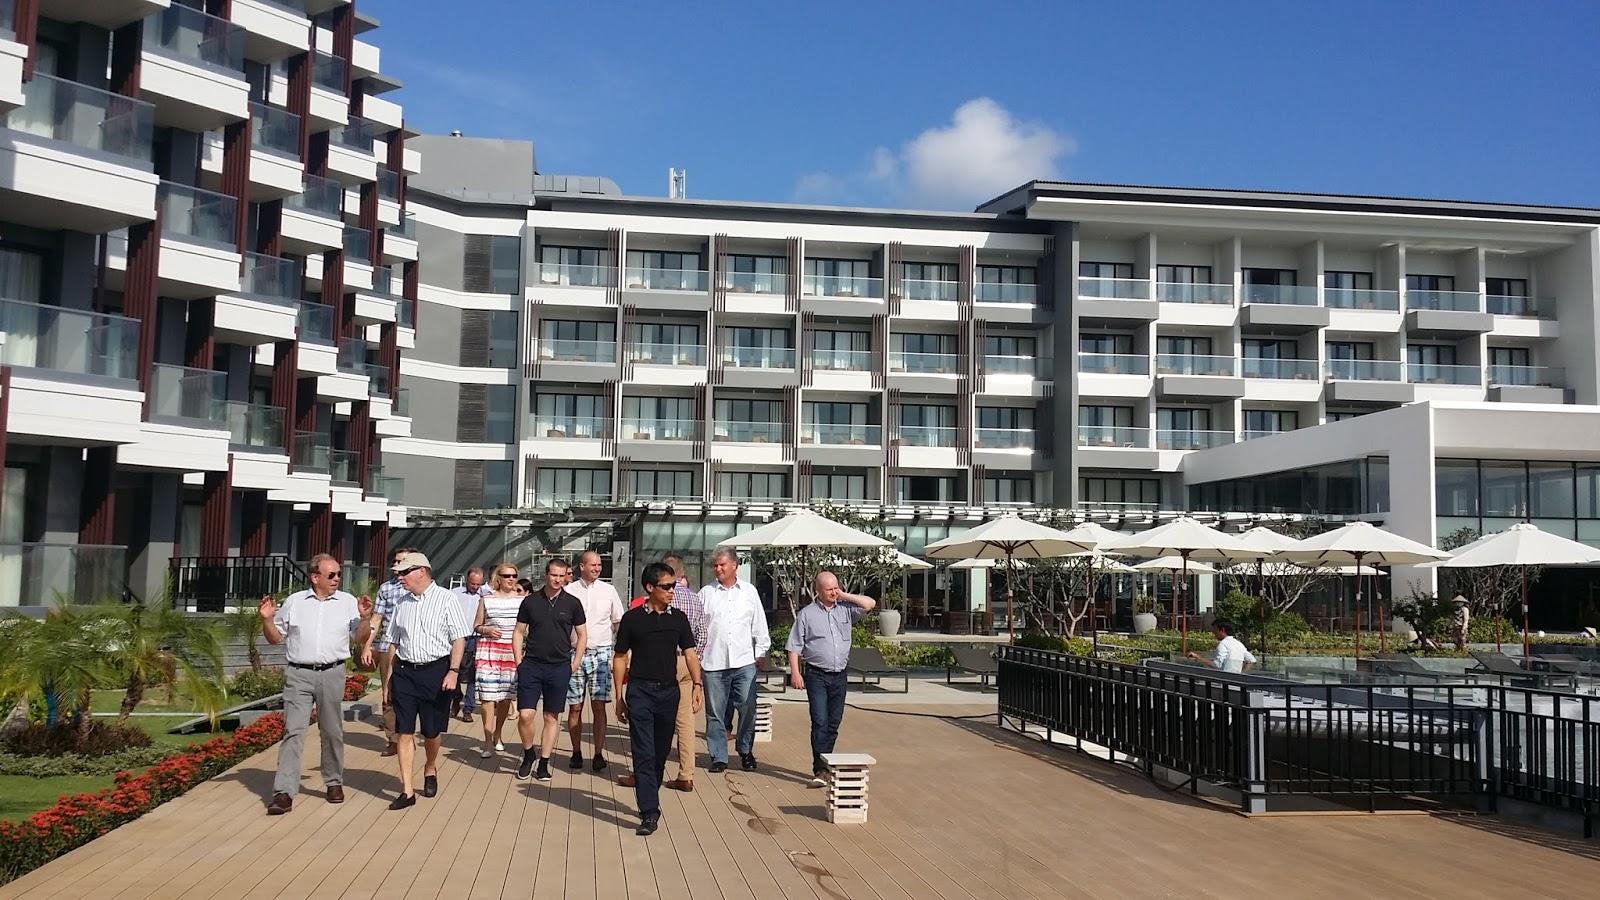 Kinh doanh khách sạn – Cơ hội và thách thức đối với người khởi nghiệp